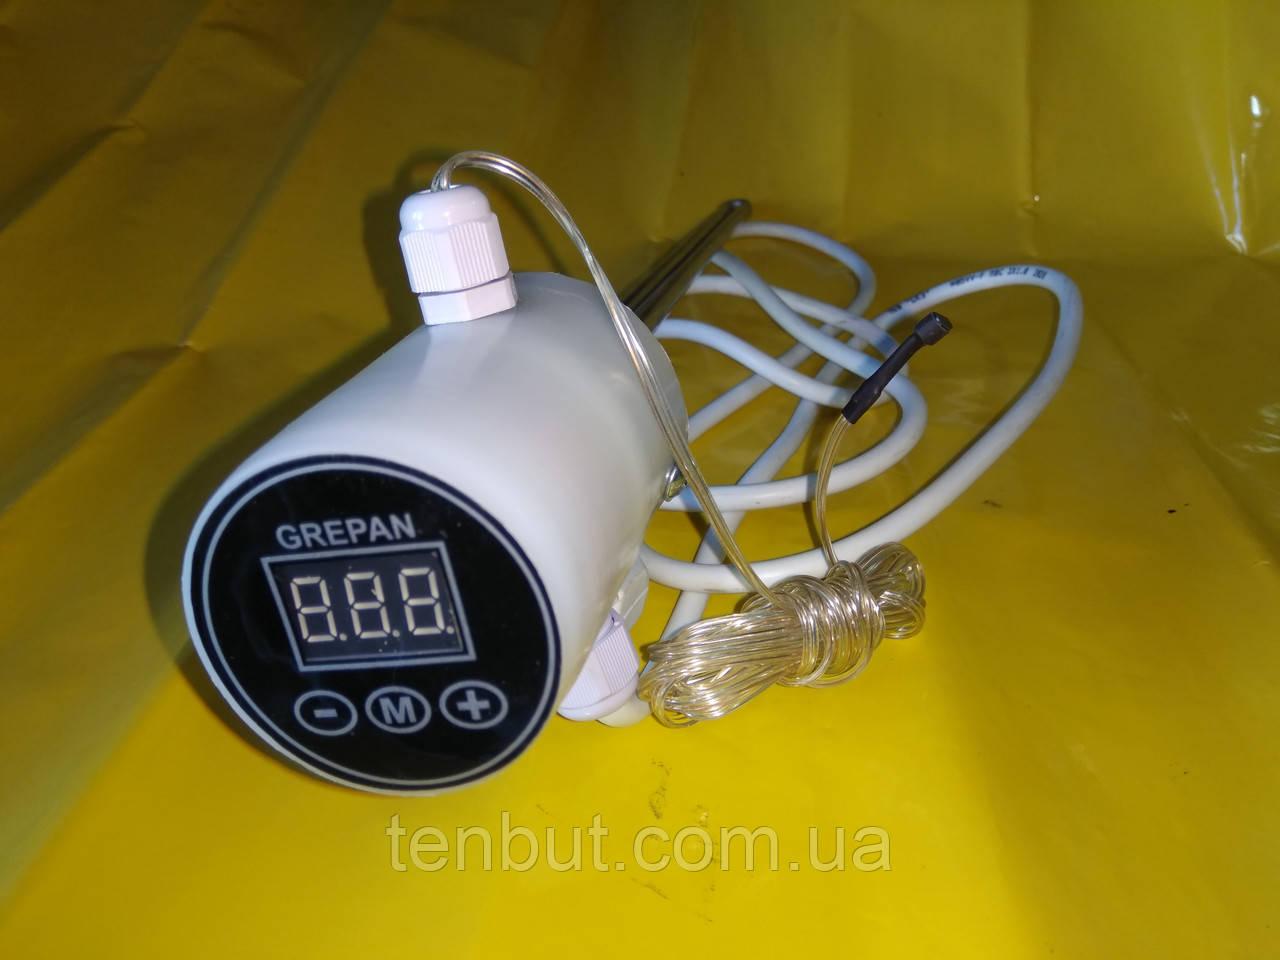 """Тэн в алюминиевую батарею с двумя датчиками температуры левая резьба 0.7кВт./1"""" дюйм /L-320мм. Украина GREPAN"""